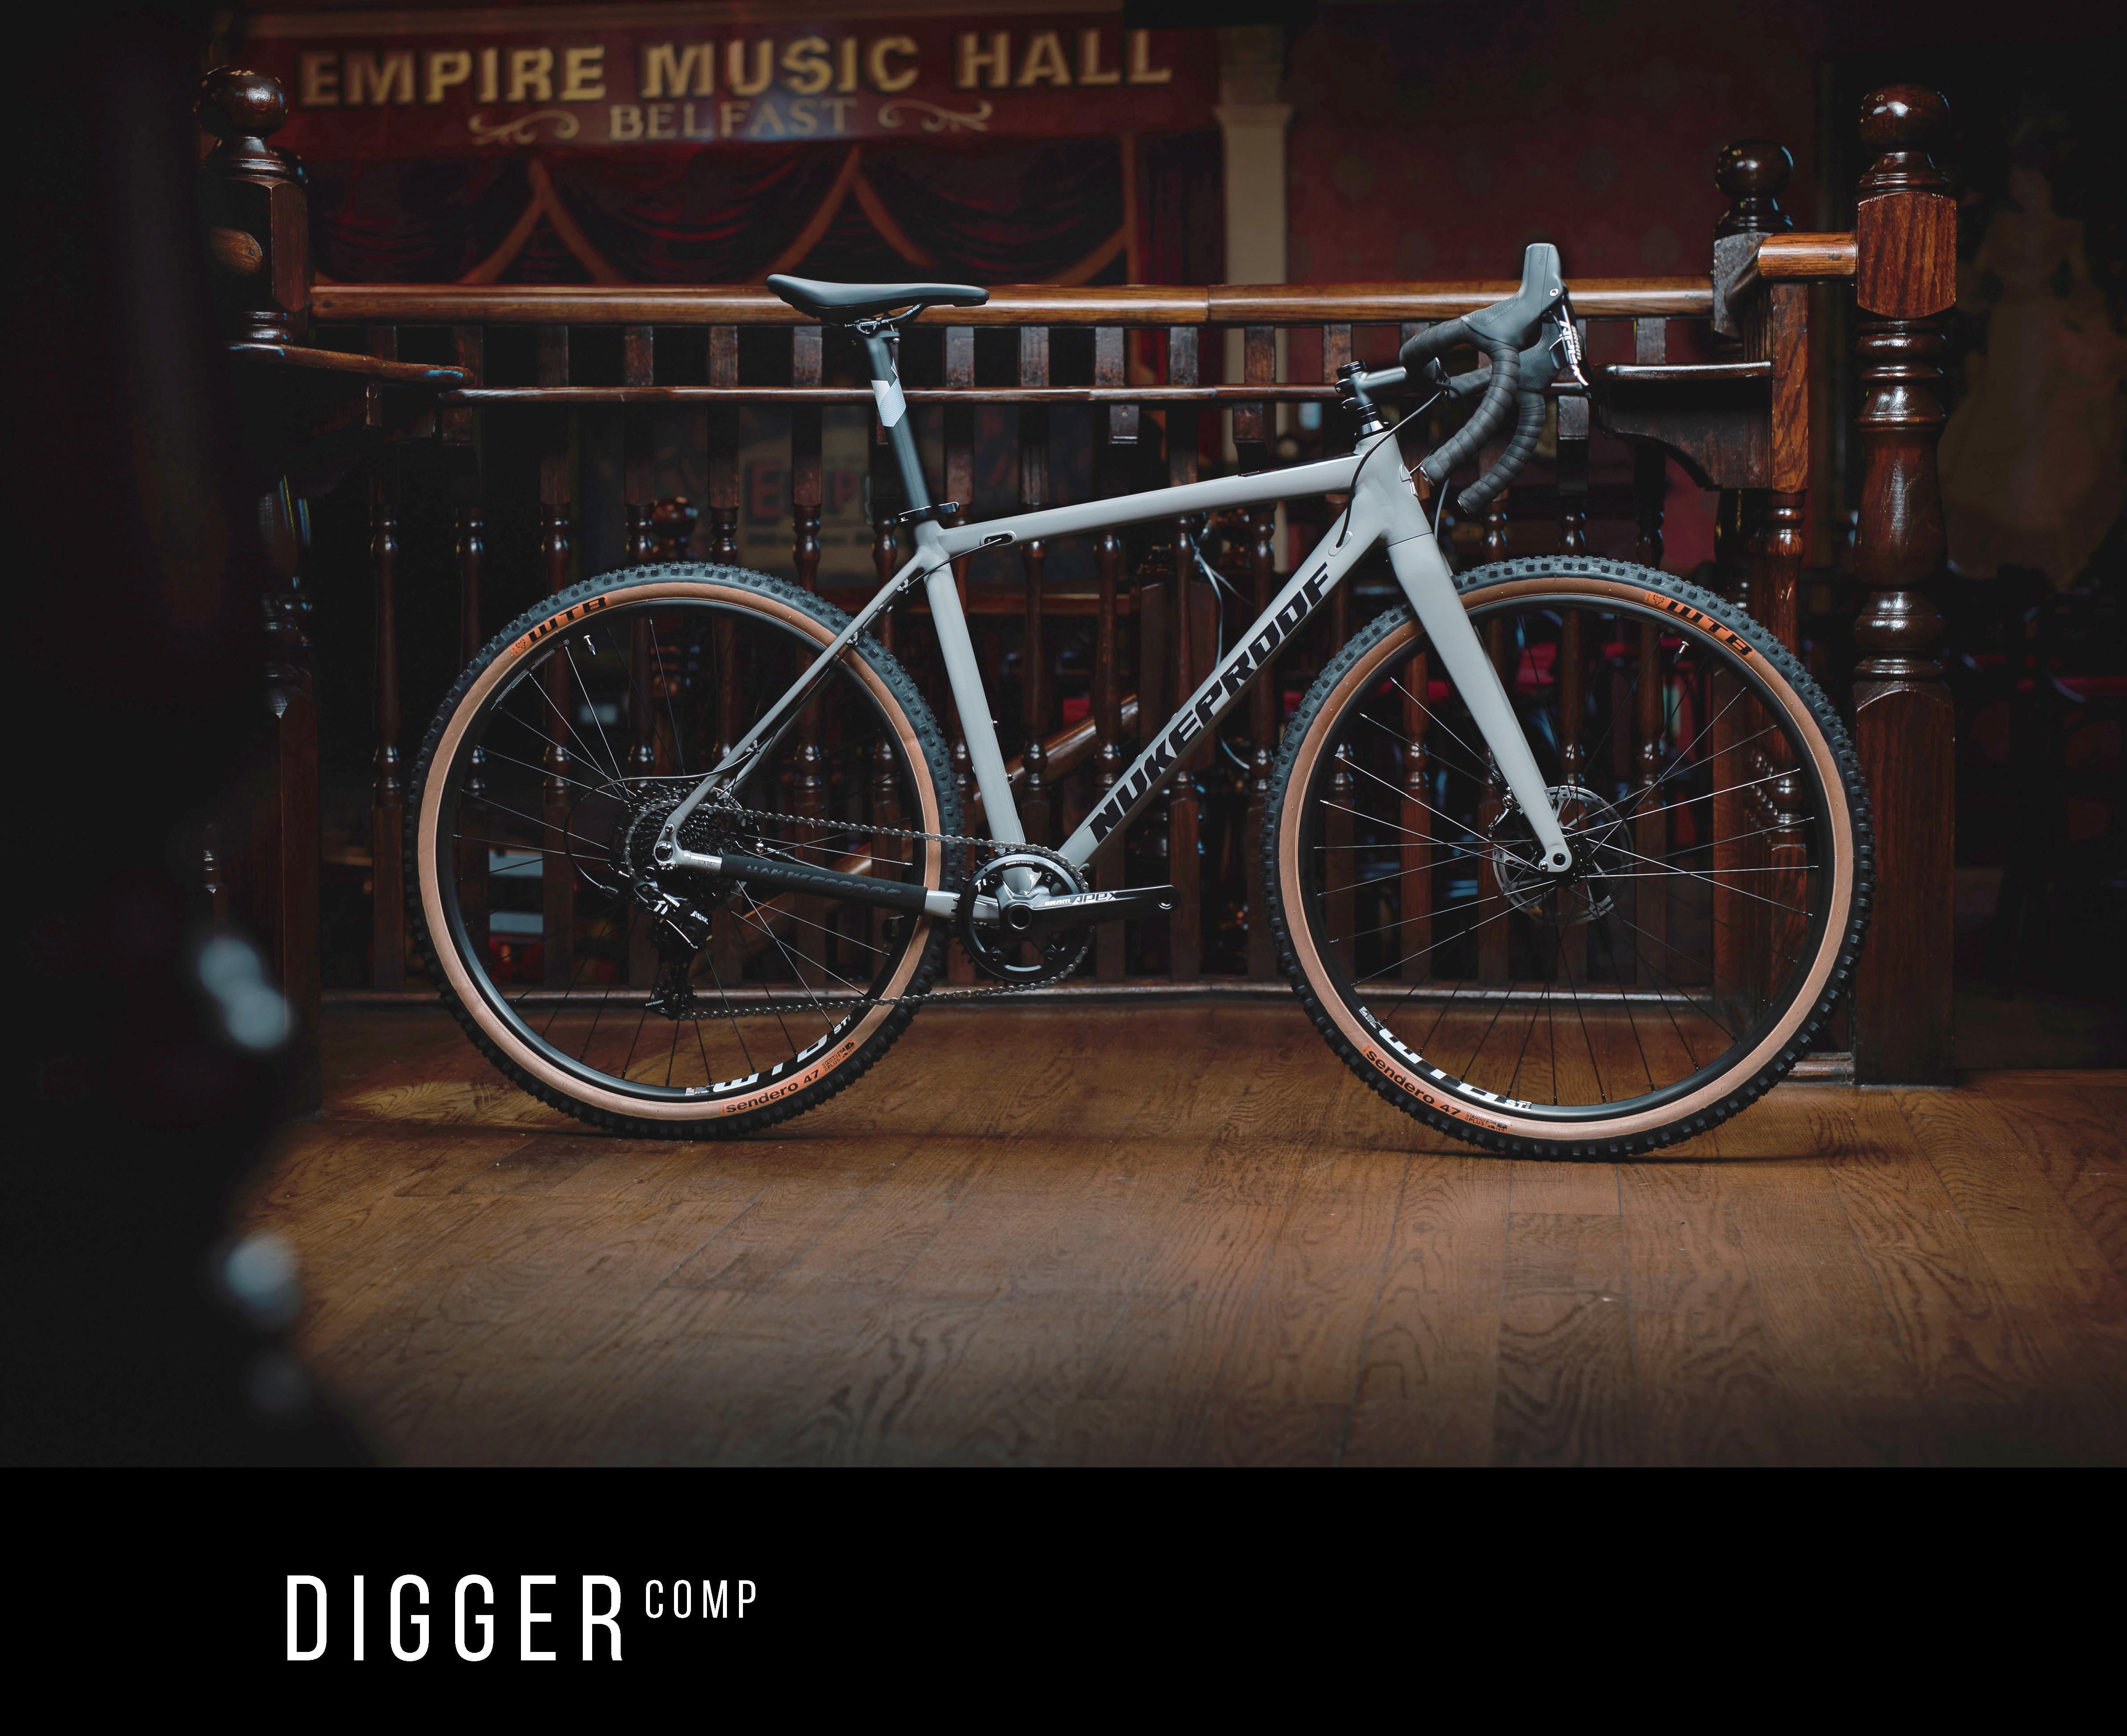 Digger_comp